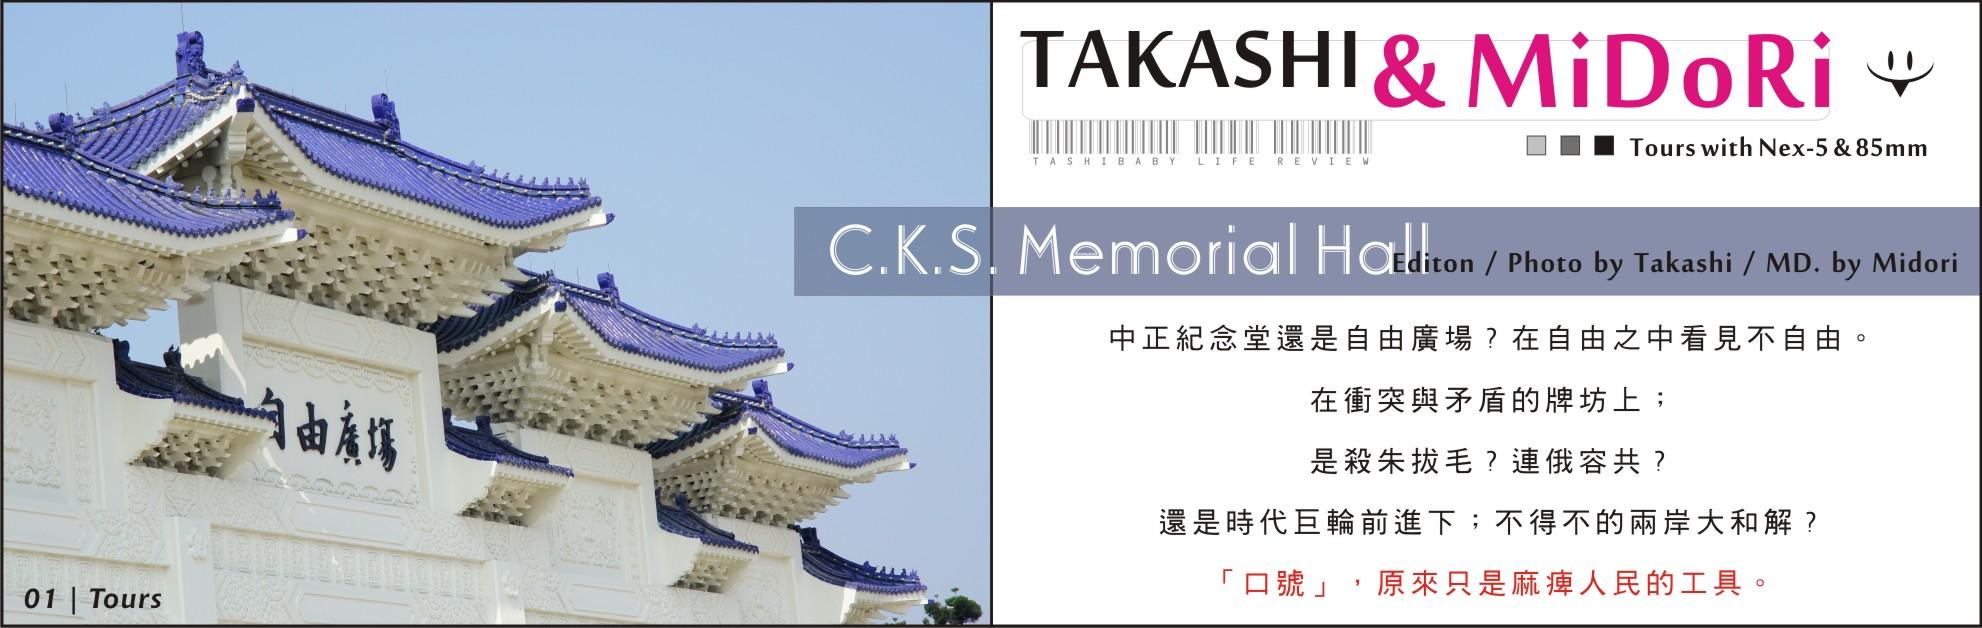 過年-中正紀念堂-1.jpg